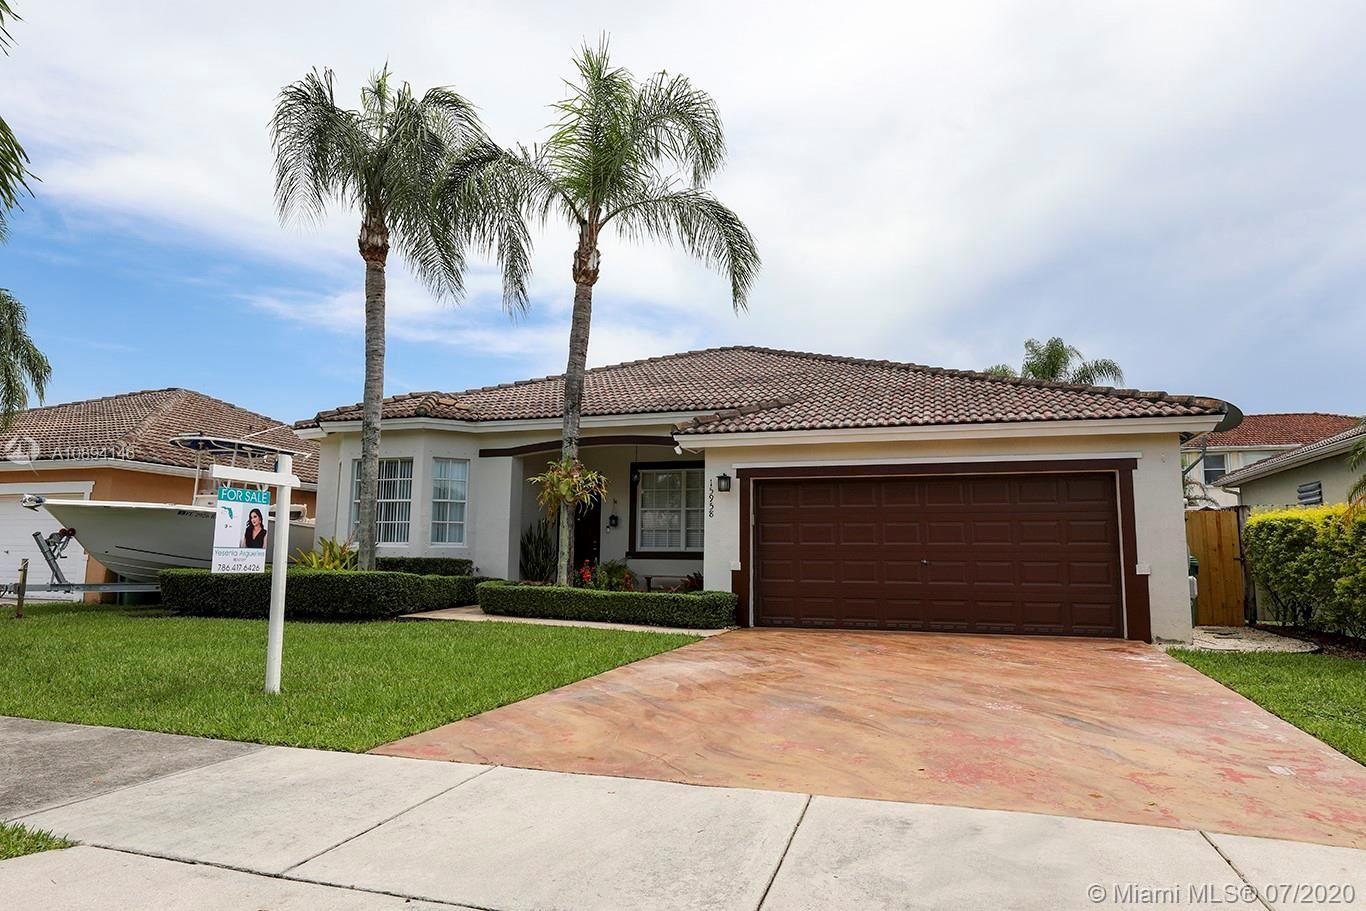 15958 SW 141 Street, Miami, FL 33196 - #: A10894146